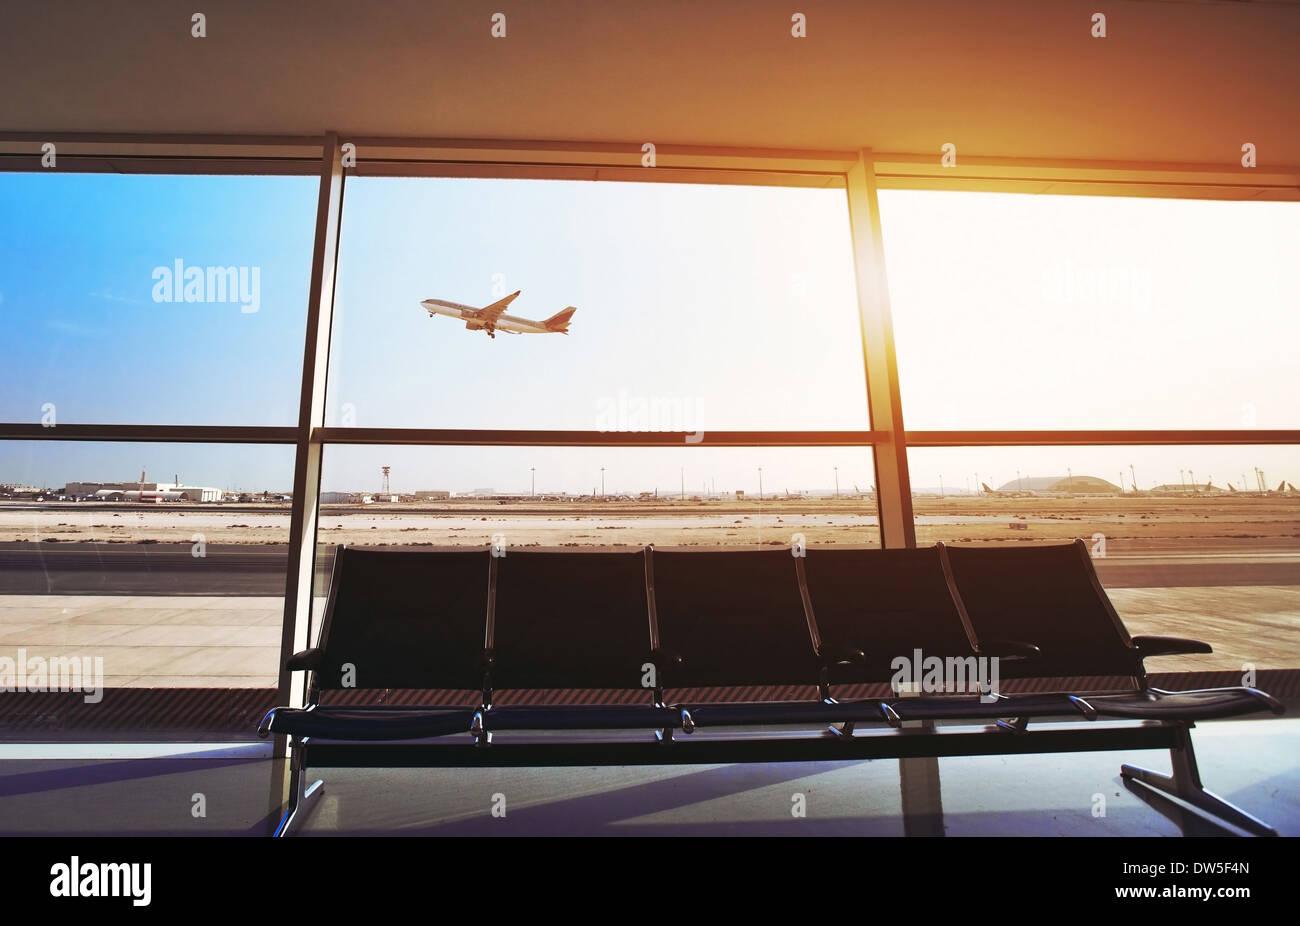 en el aeropuerto Imagen De Stock